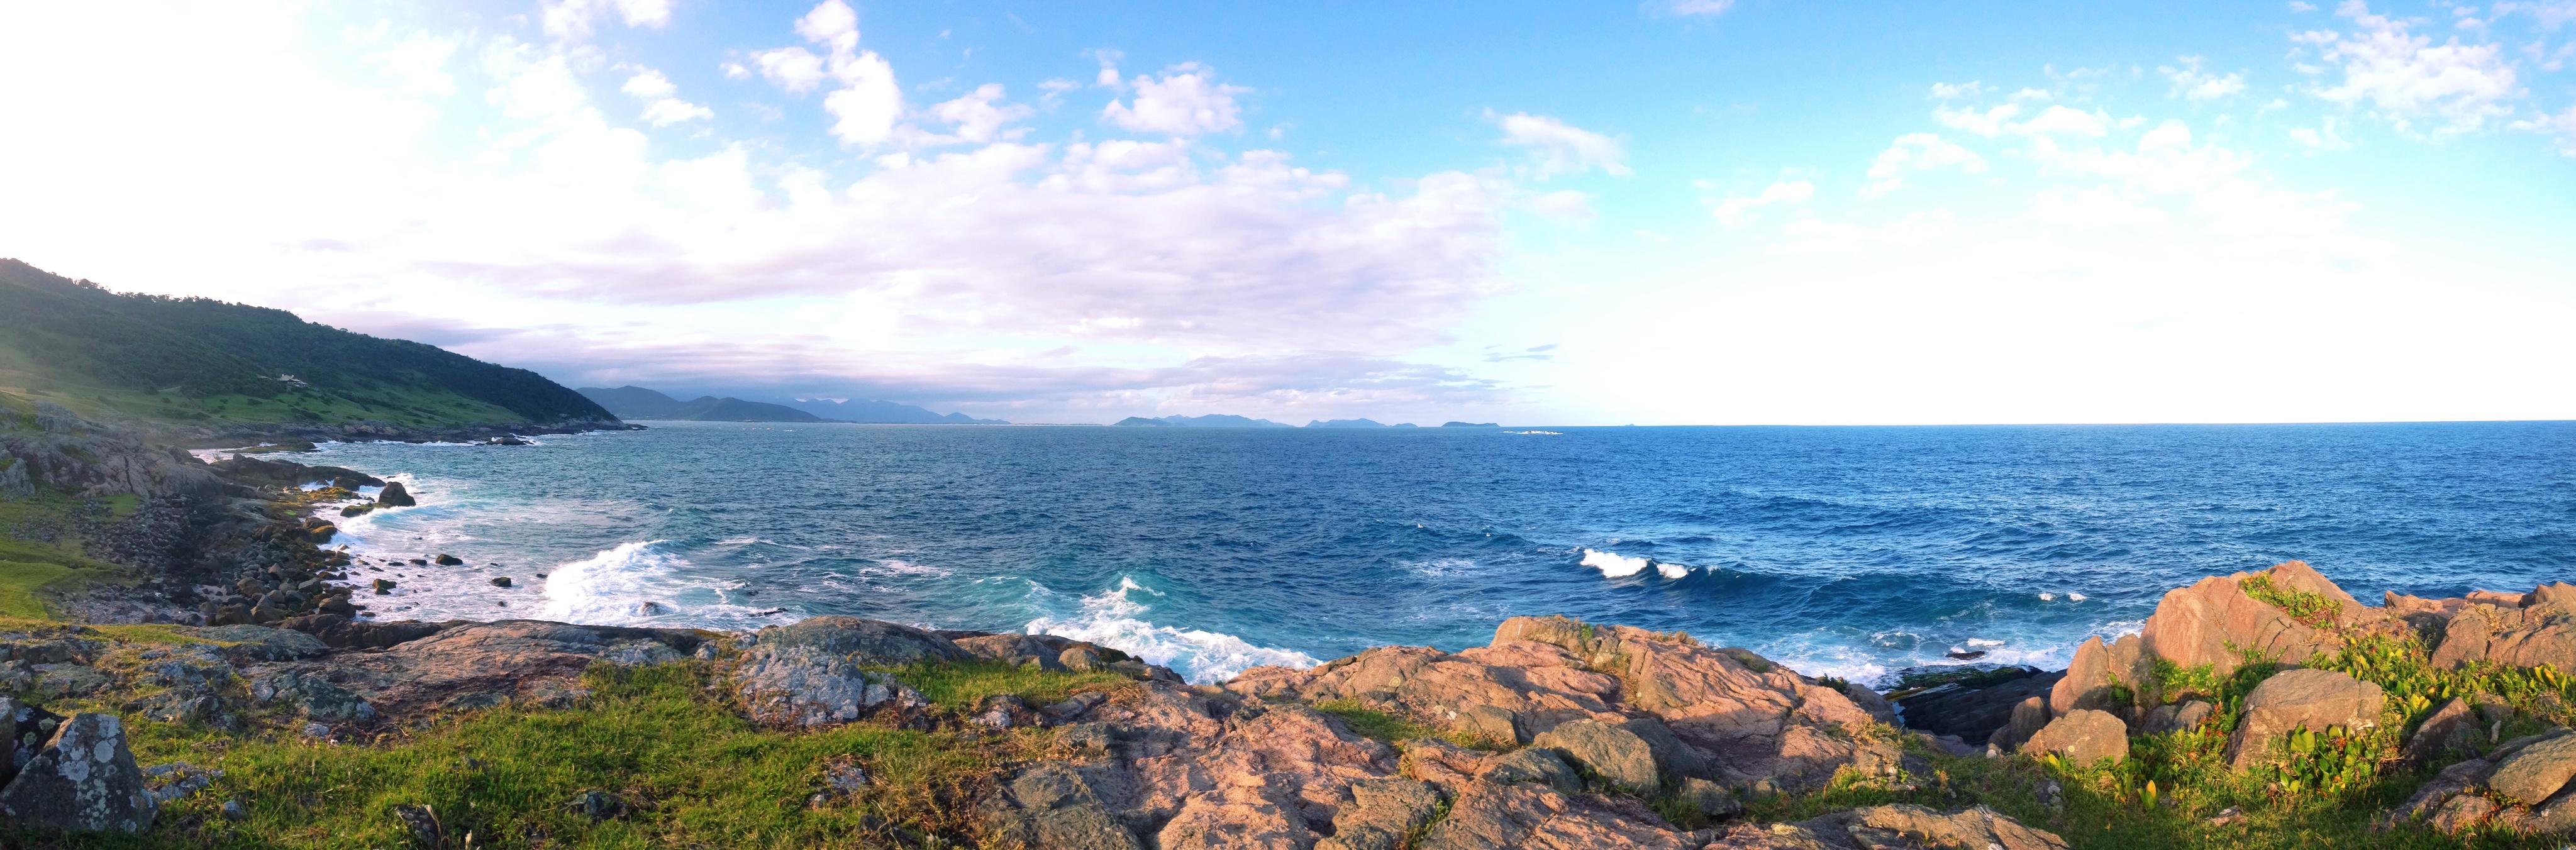 Panorama da trilha da praia da silveira. photo